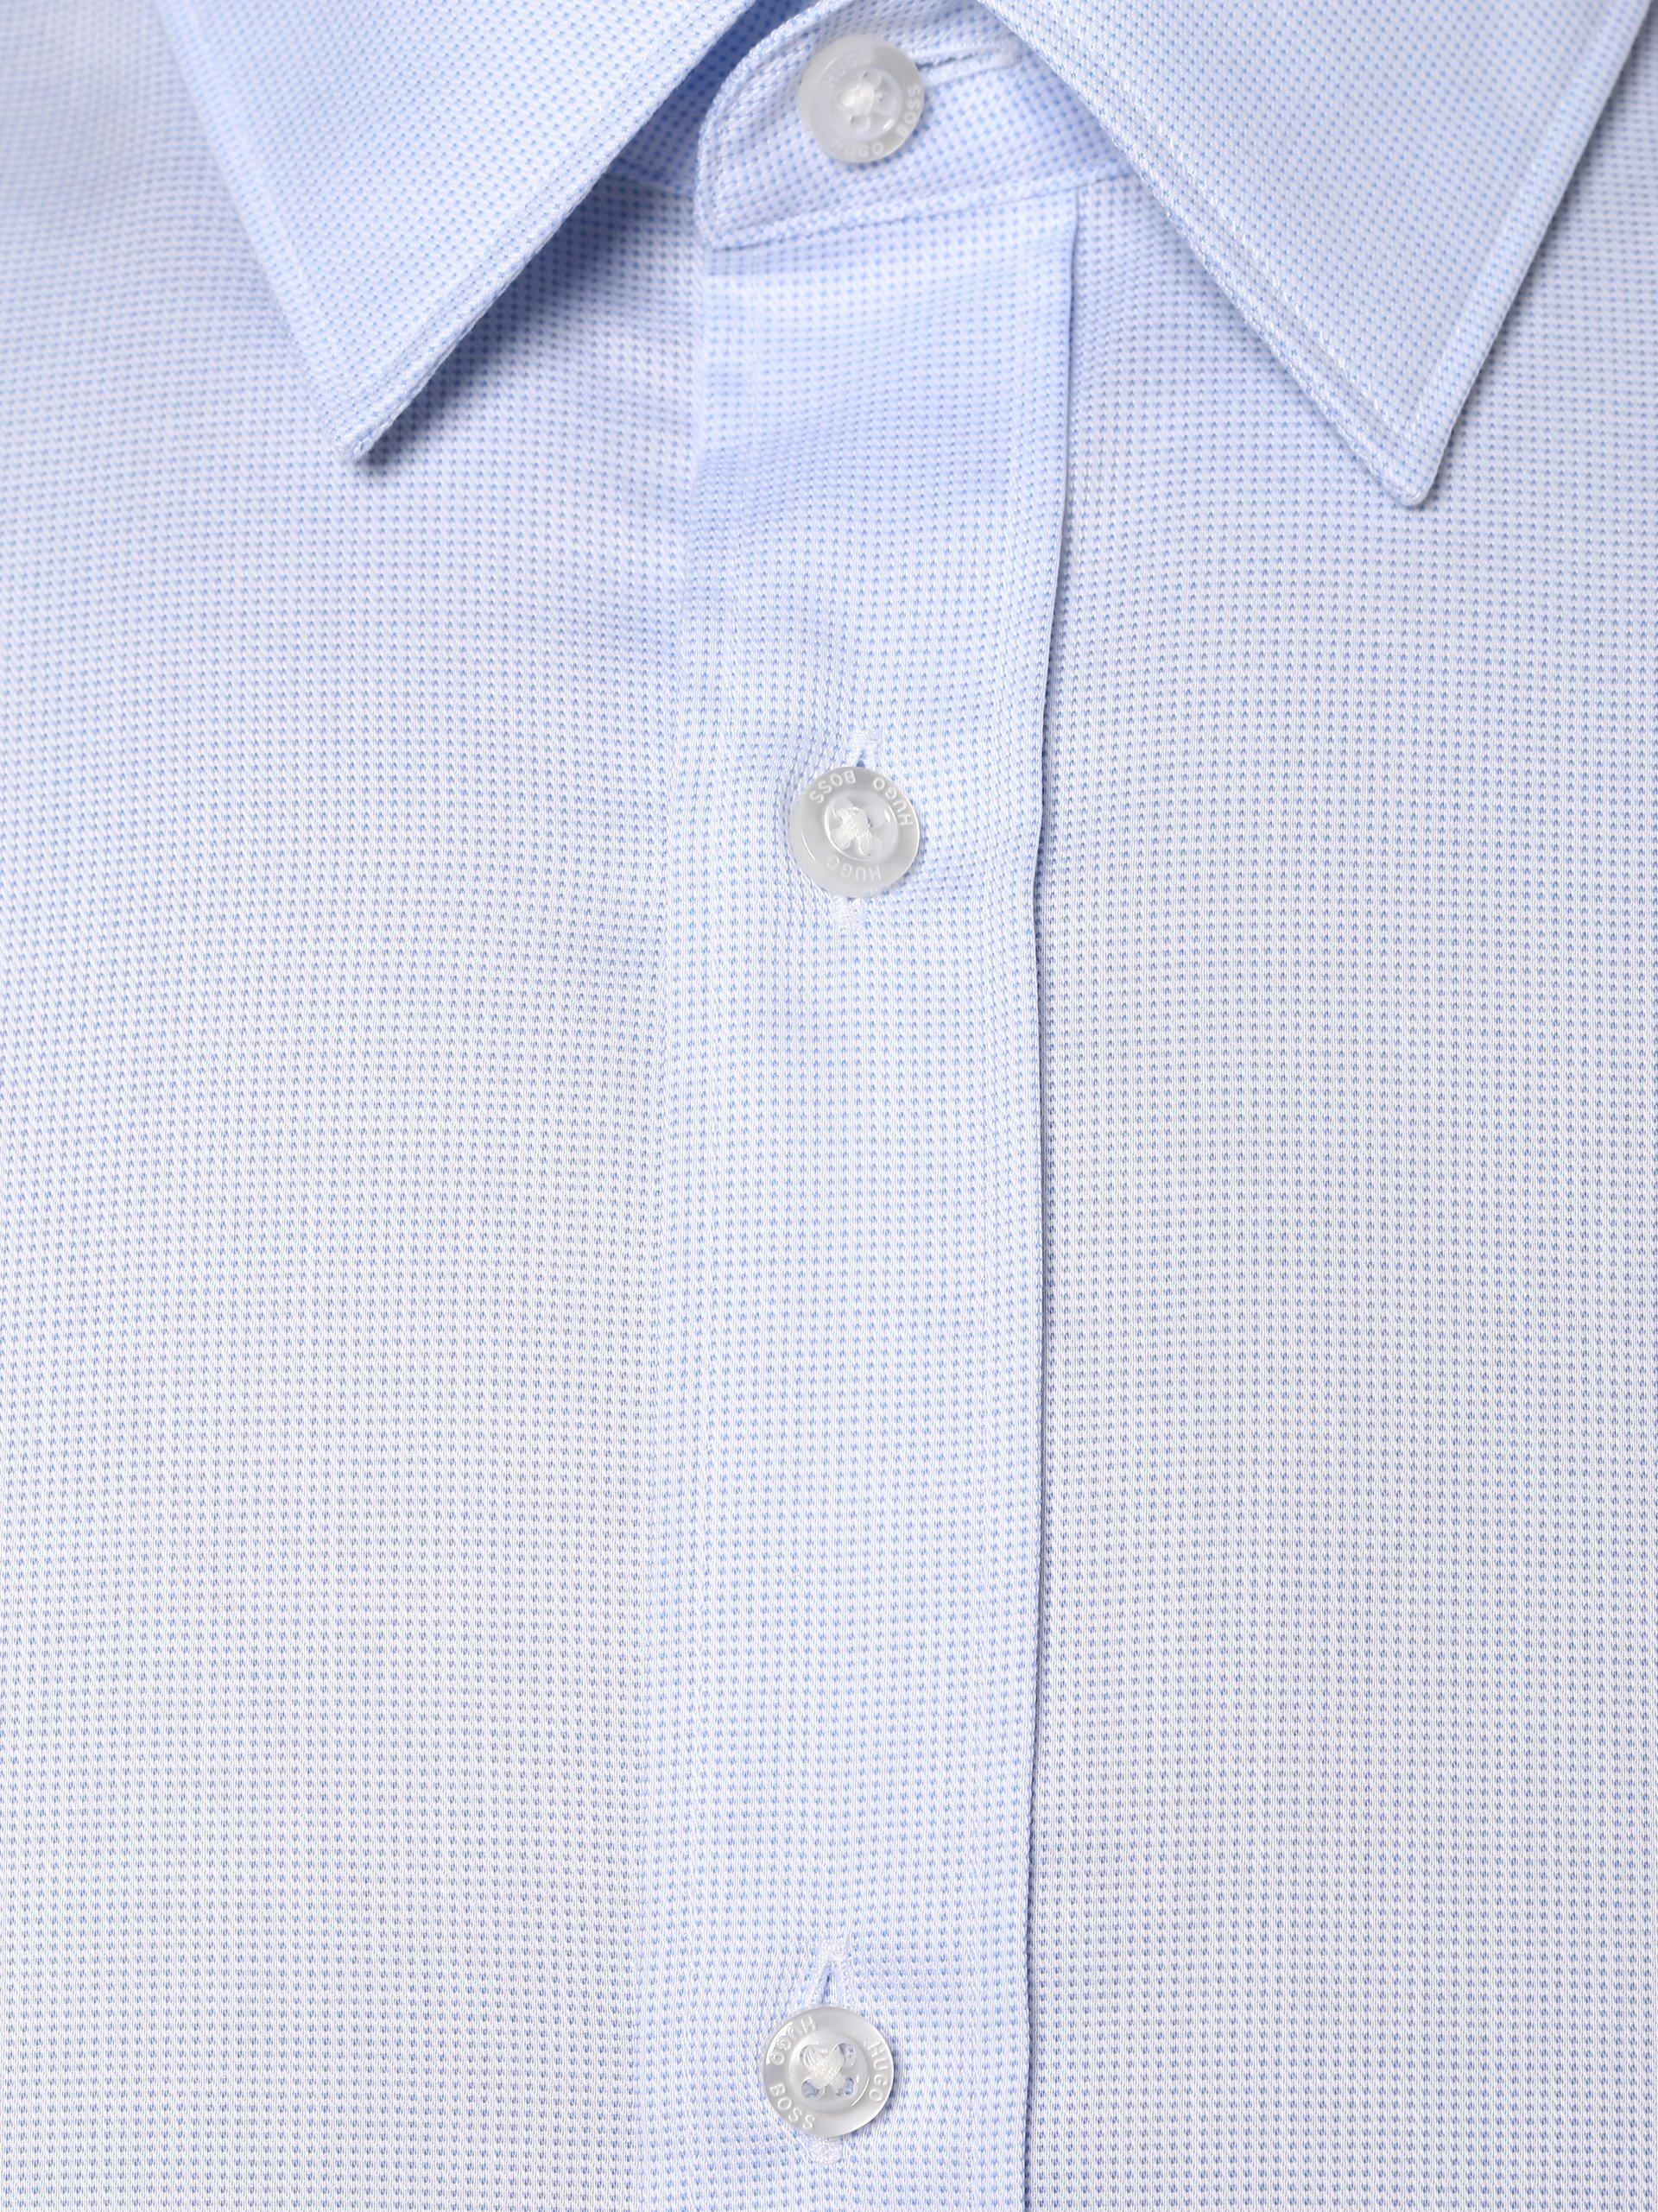 HUGO Koszula męska łatwa w prasowaniu – Elisha01